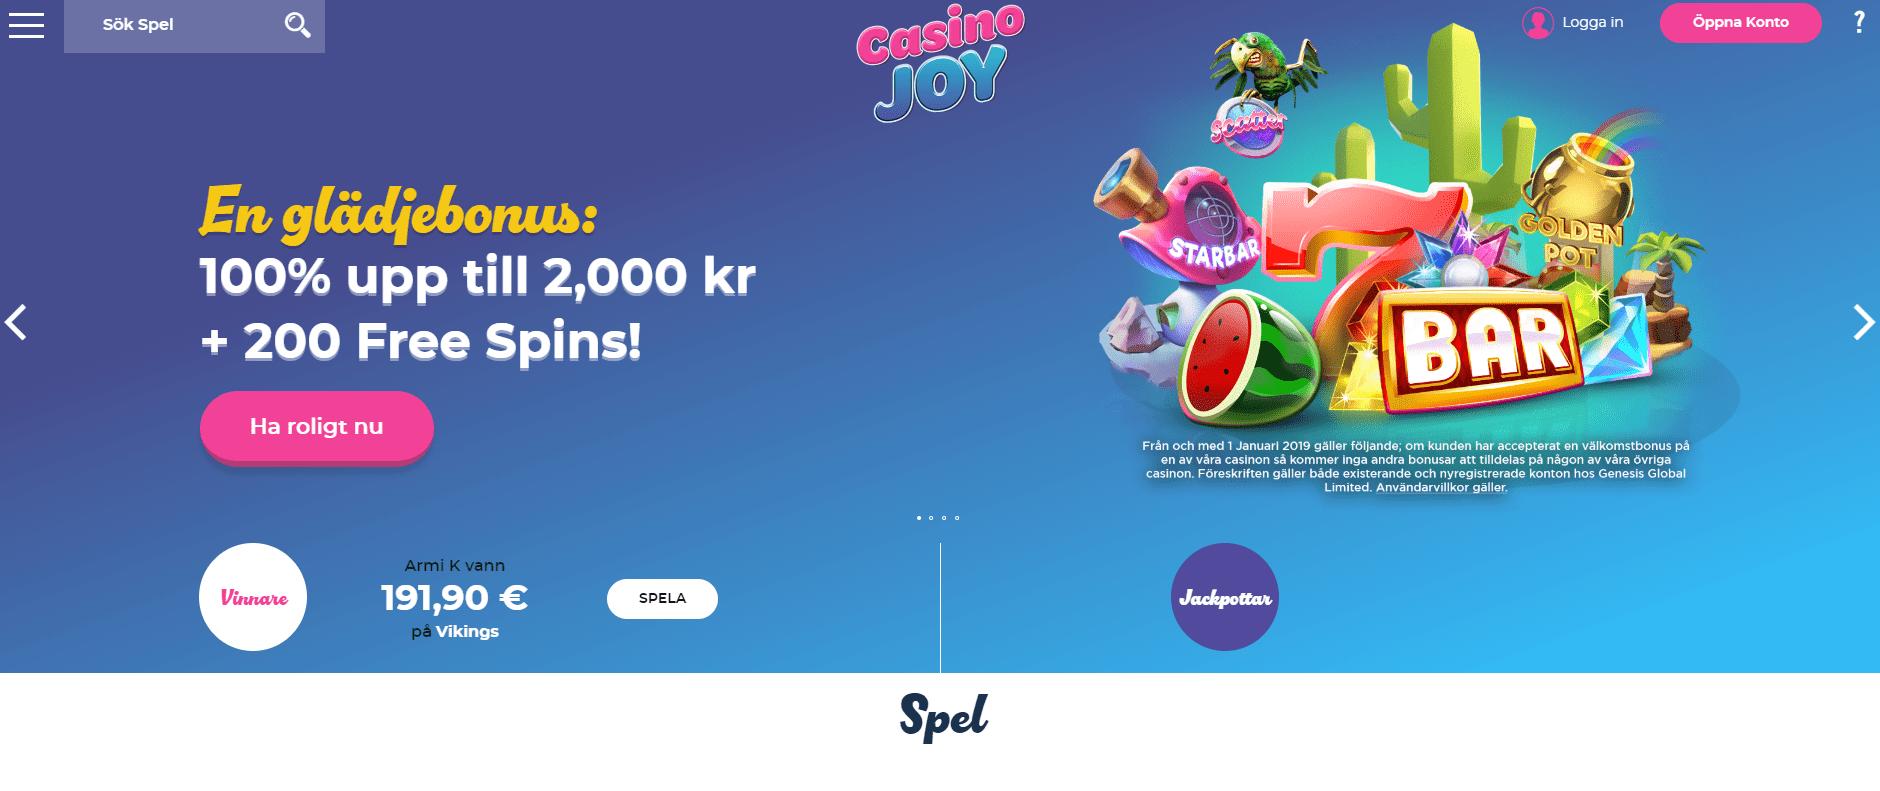 Casino omsättningskrav gratissnurr Import